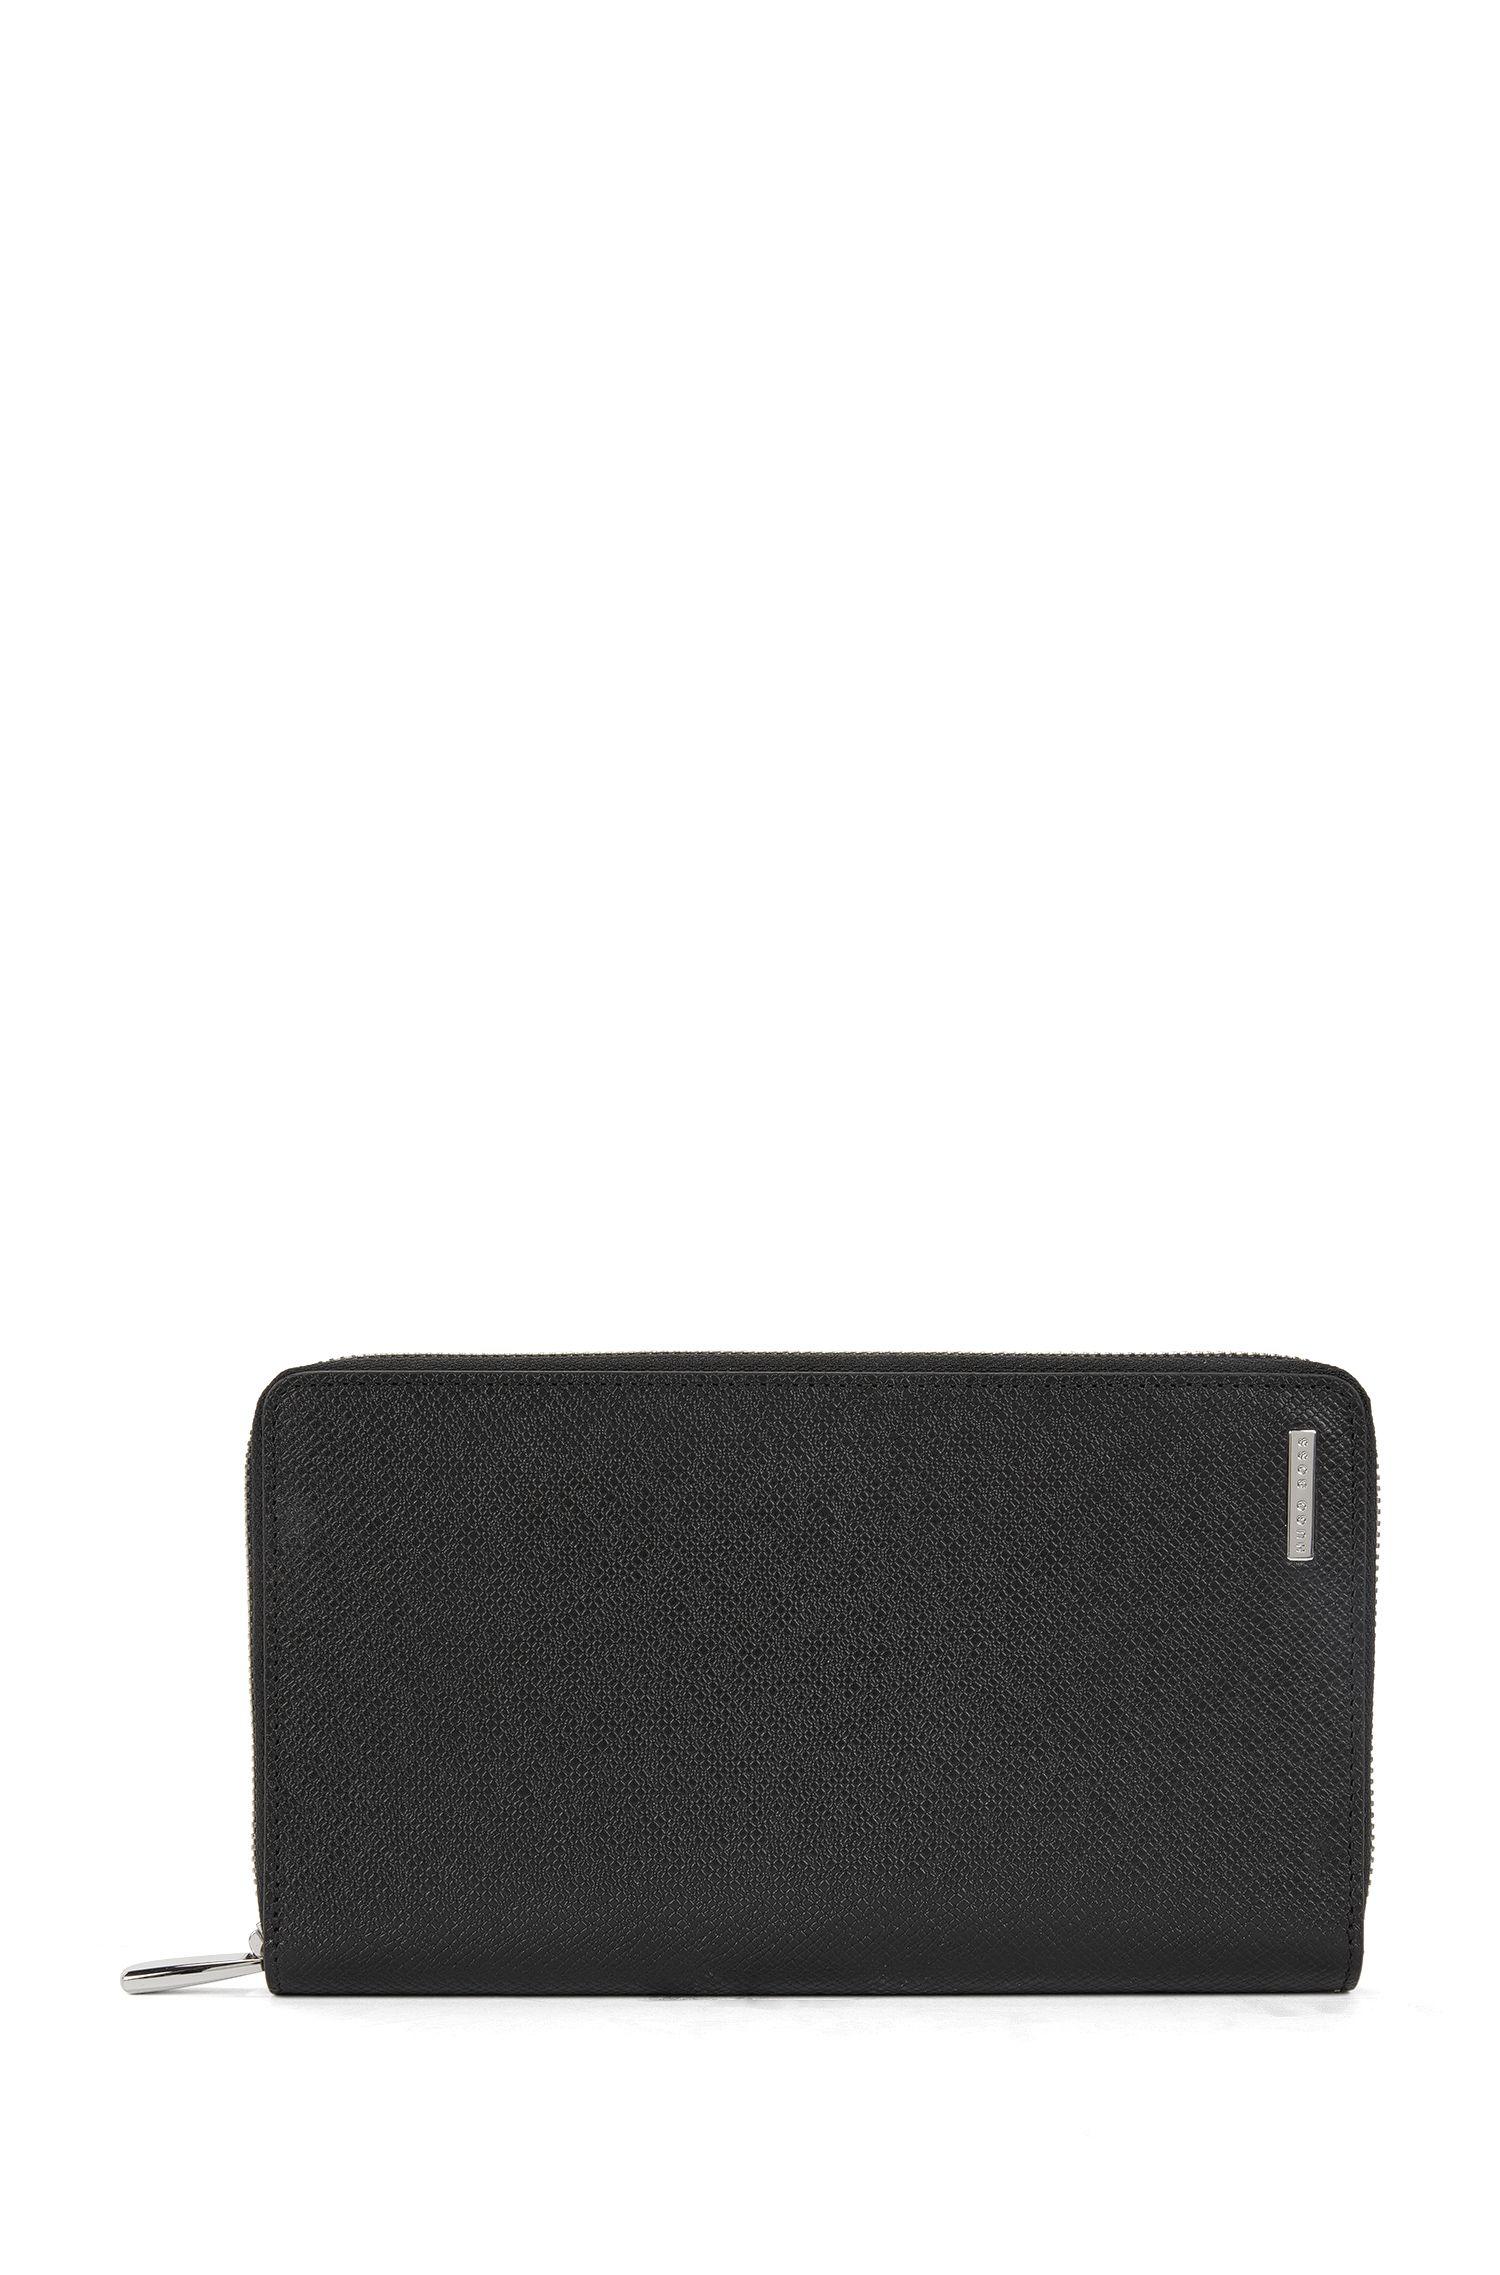 Leather Zip-Around Wallet | Signature S Zip, Black